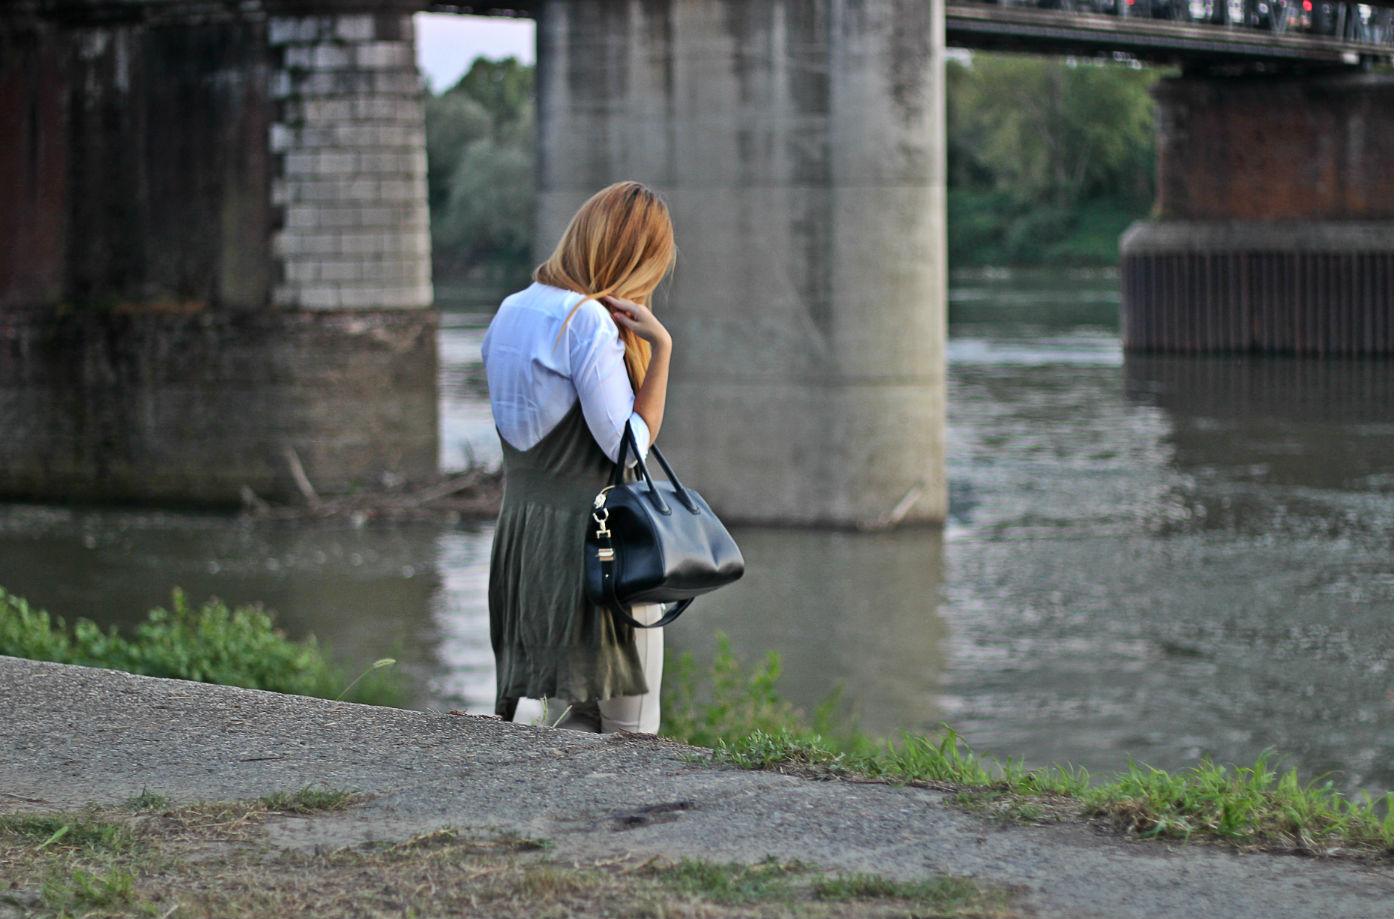 elisabetta bertolini fashion blogger cremonese - fiume po -outfit donna